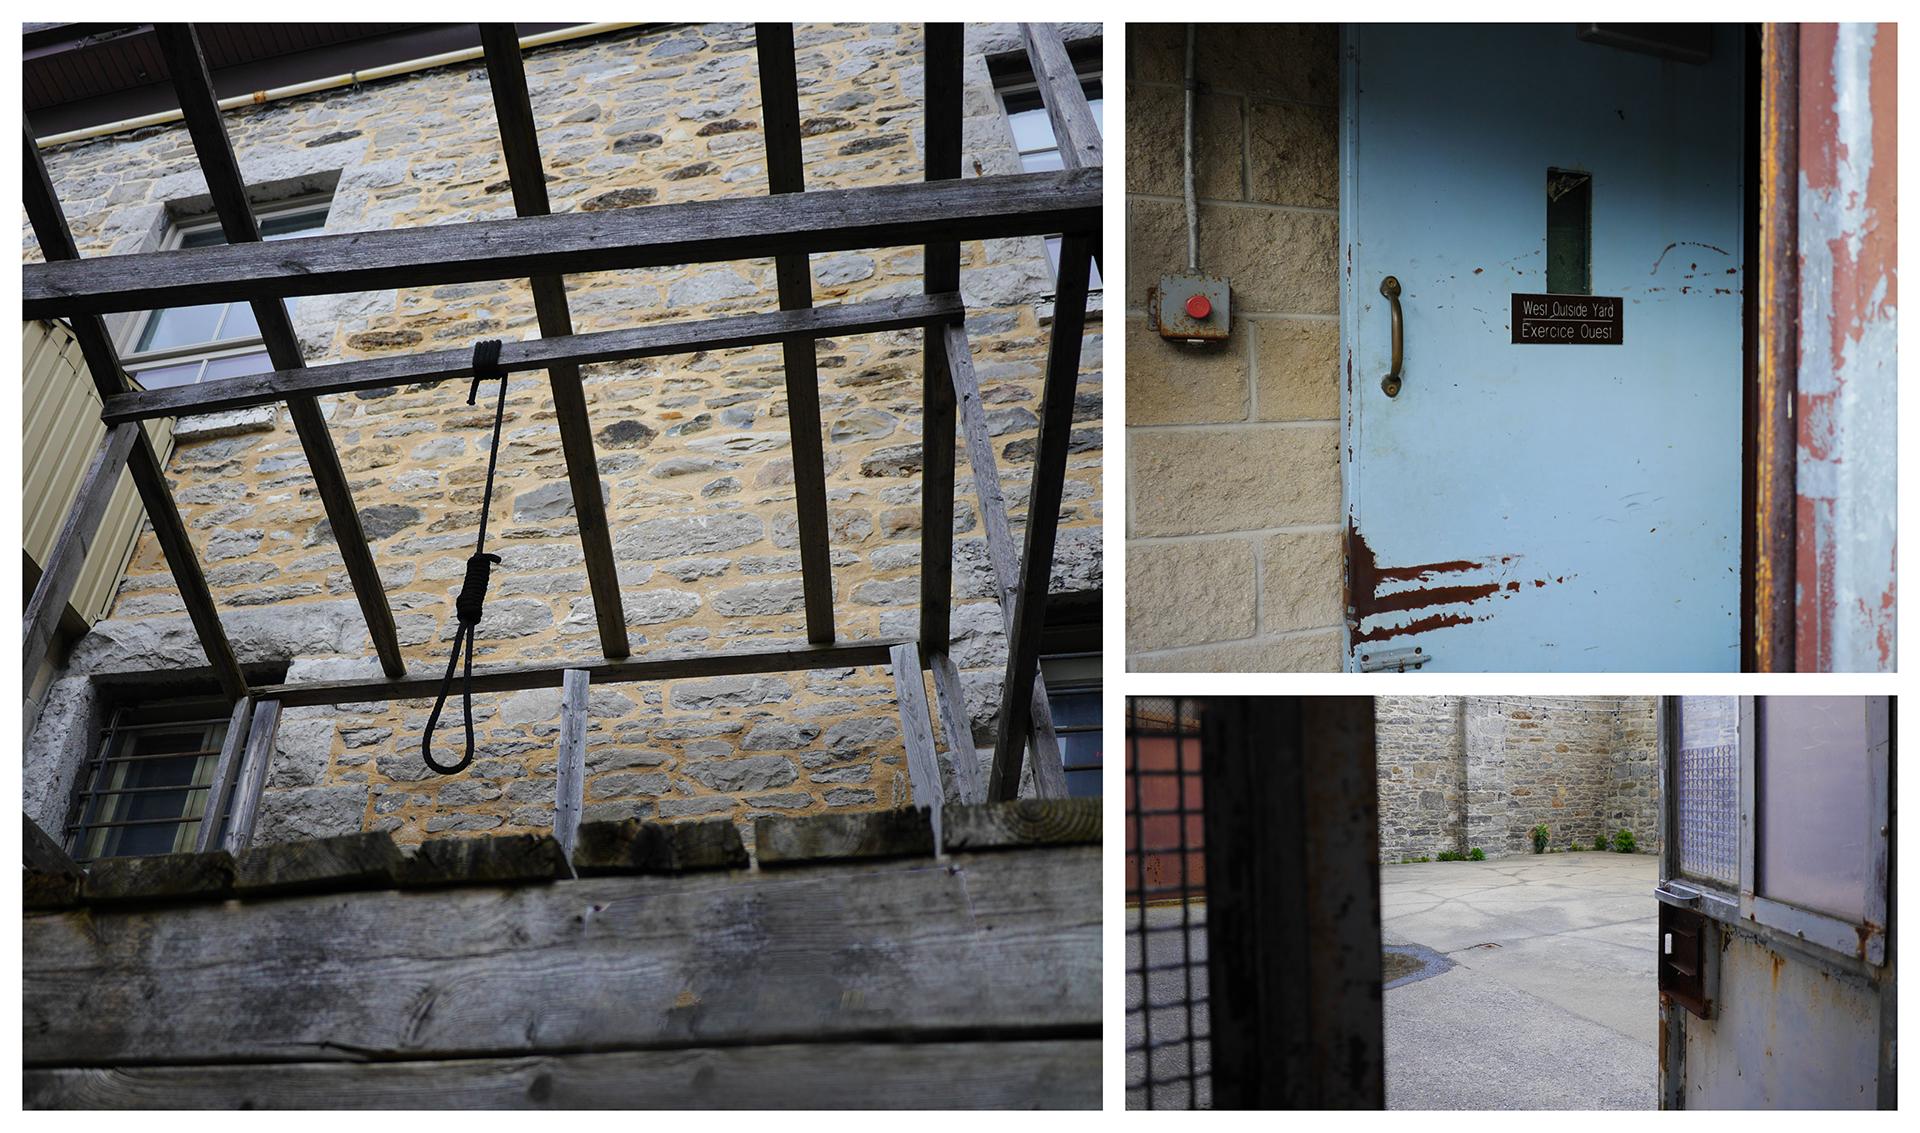 7-sdgjail-gallows.png